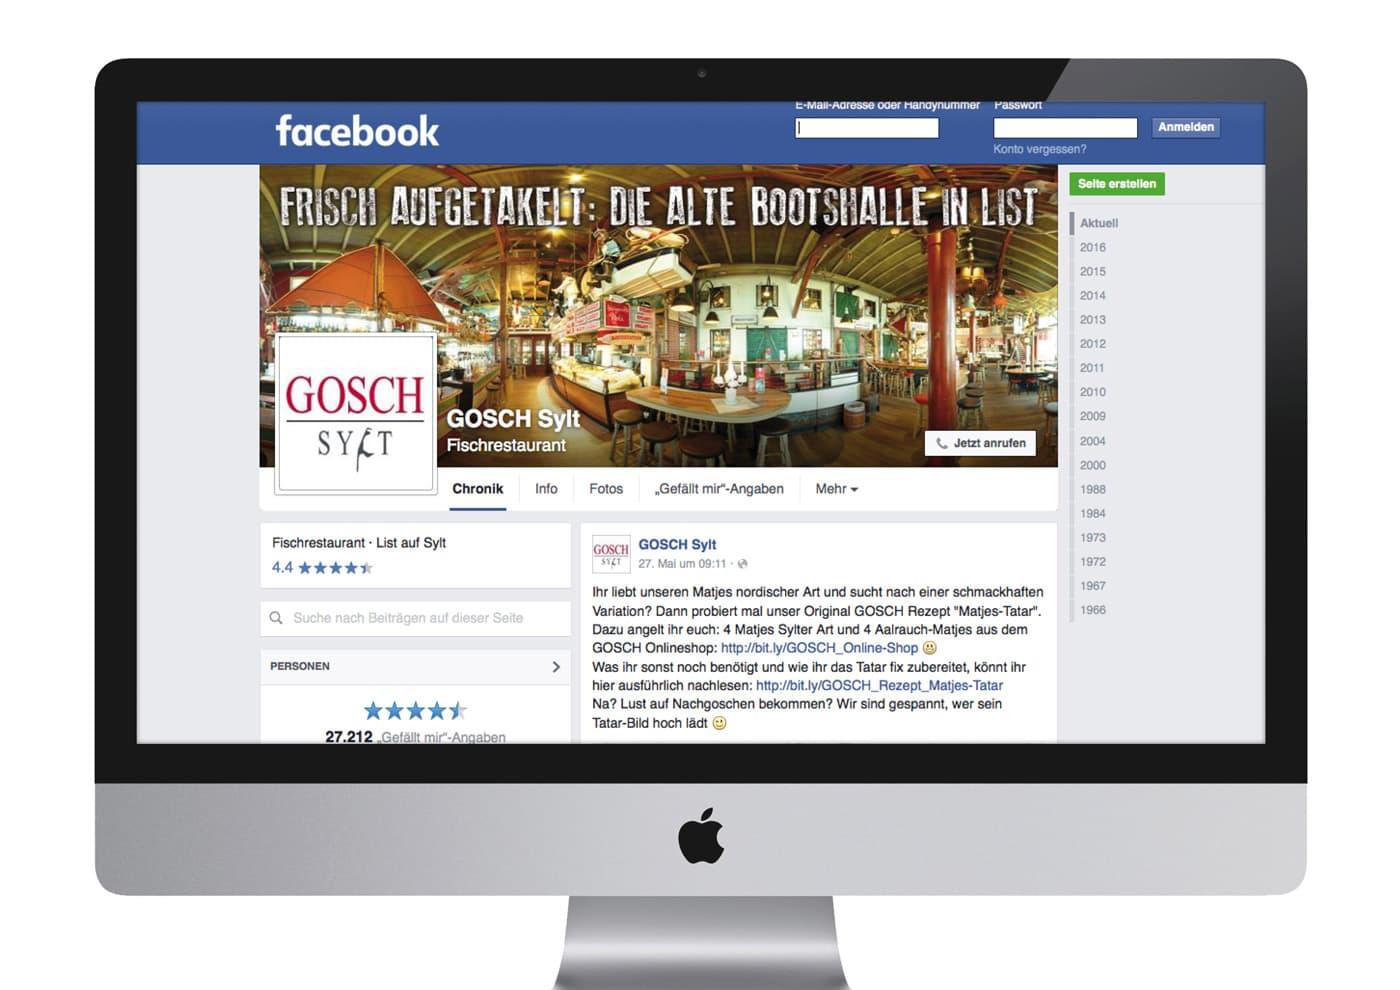 """CD-Entwicklung und Markenführung für """"GOSCH Sylt"""": Postings und Aktionen für die Facebook-Seite"""